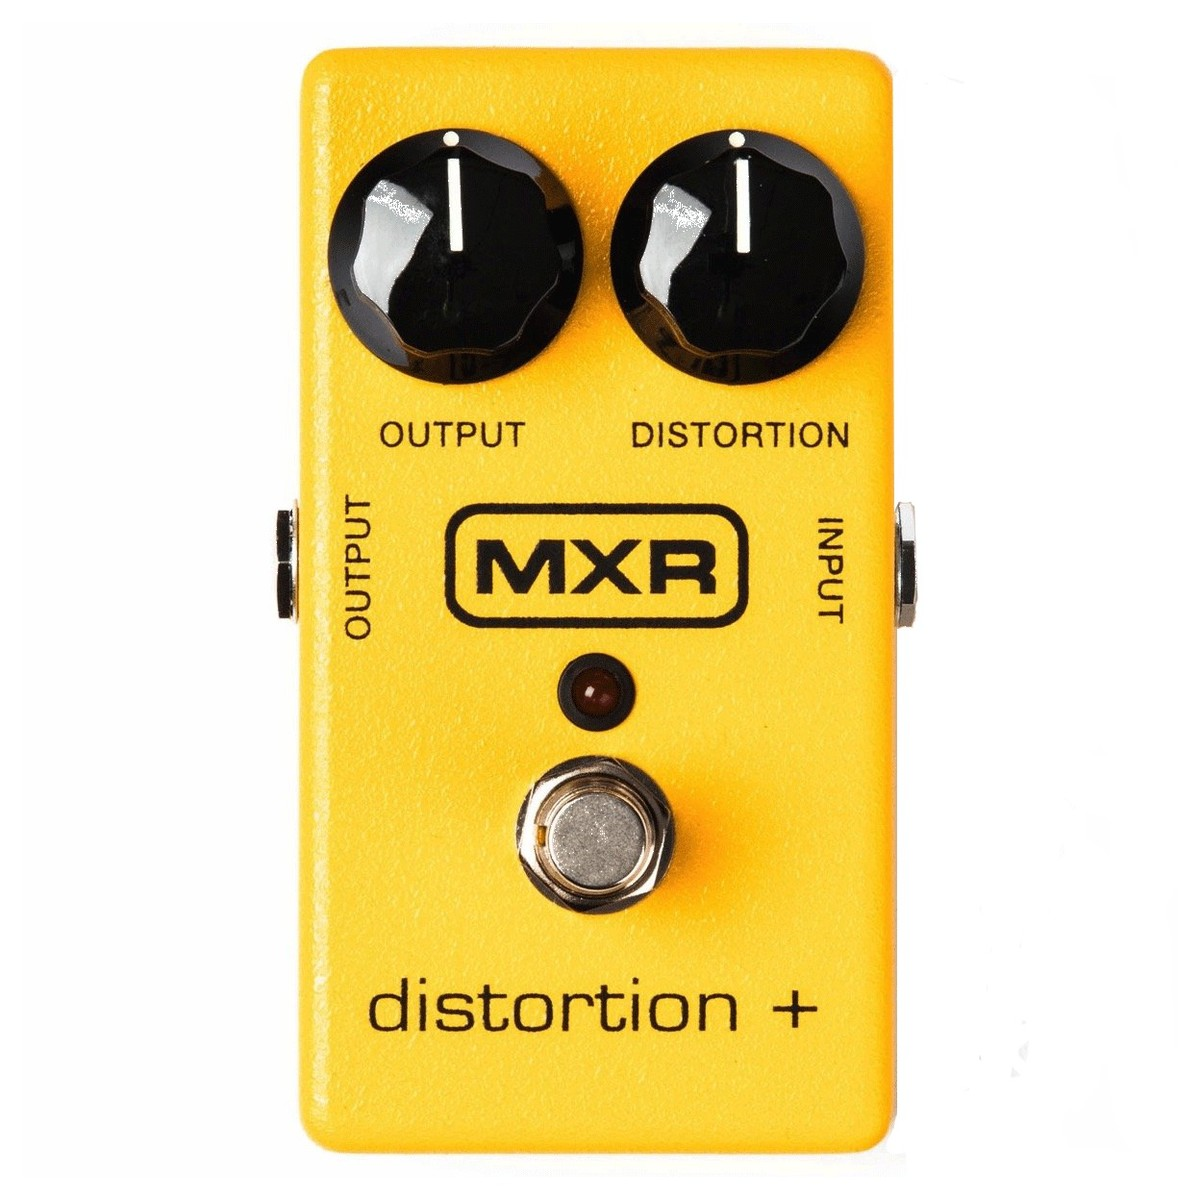 Mxr M104 Distortion Plus Guitar Effects Pedal